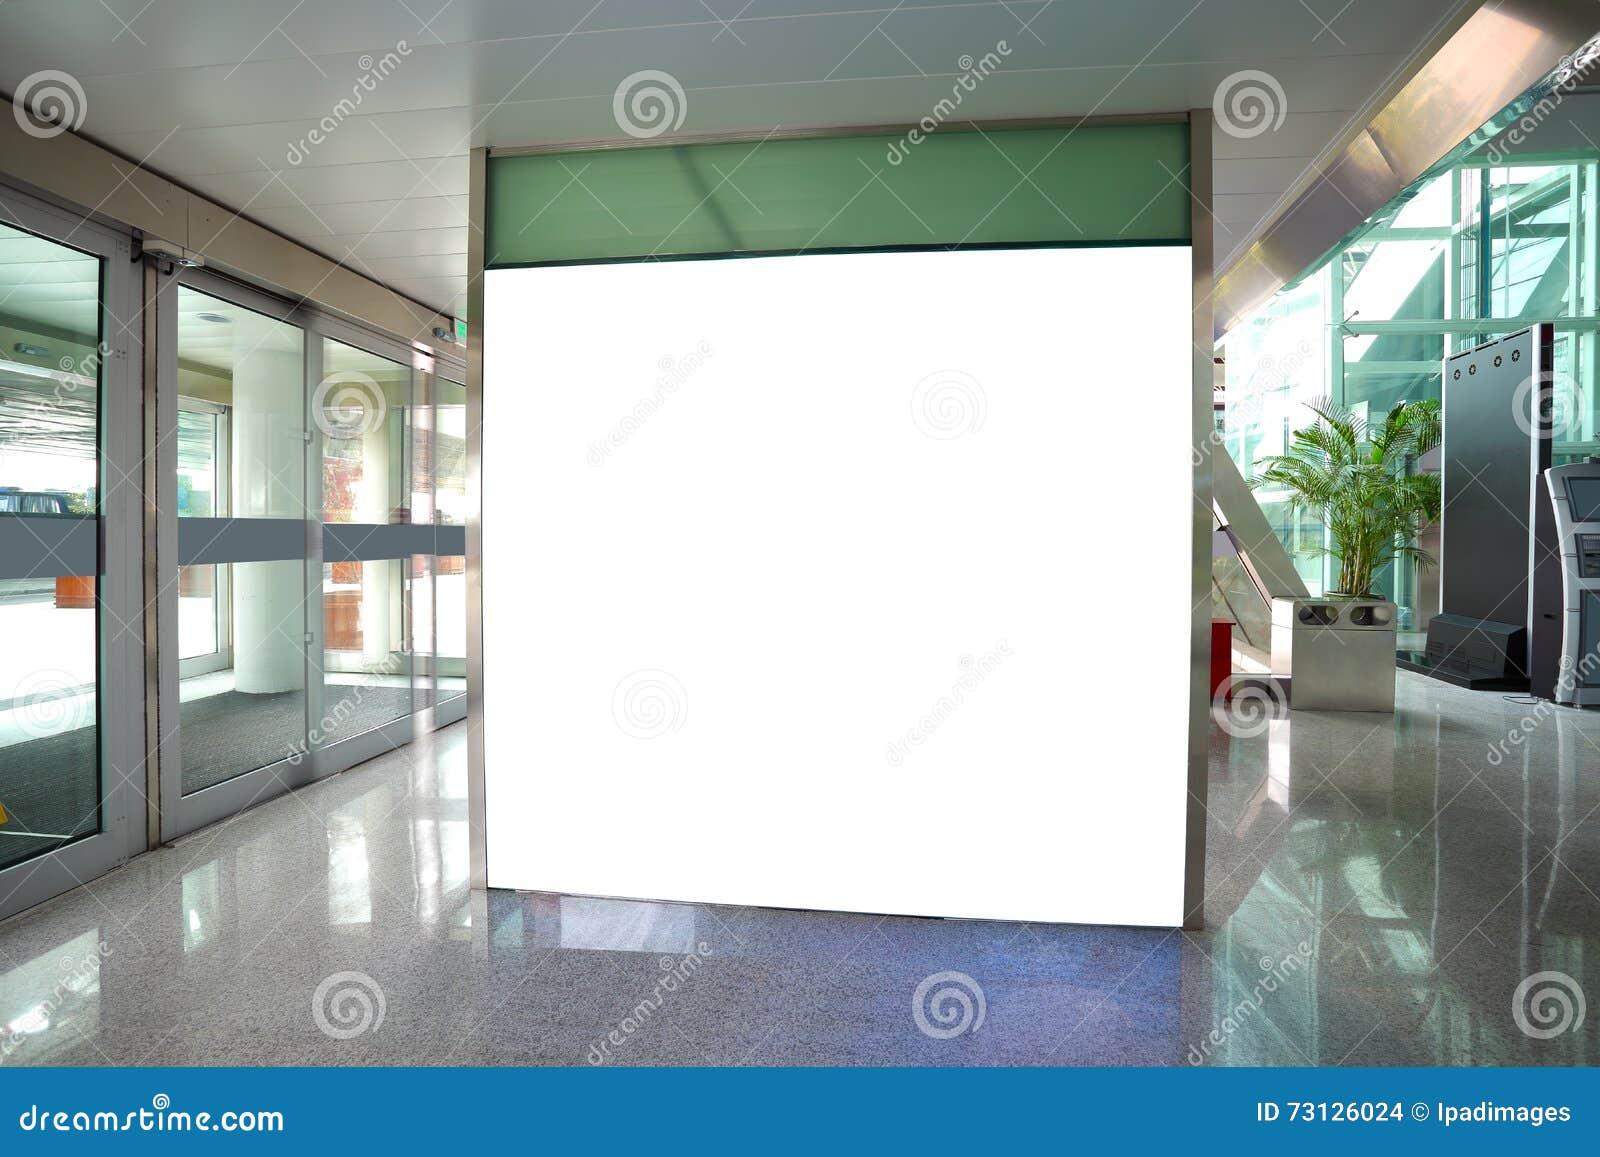 Lotniskowi wyjścia drzwi szklanej ściany korytarza ściany lightboxes